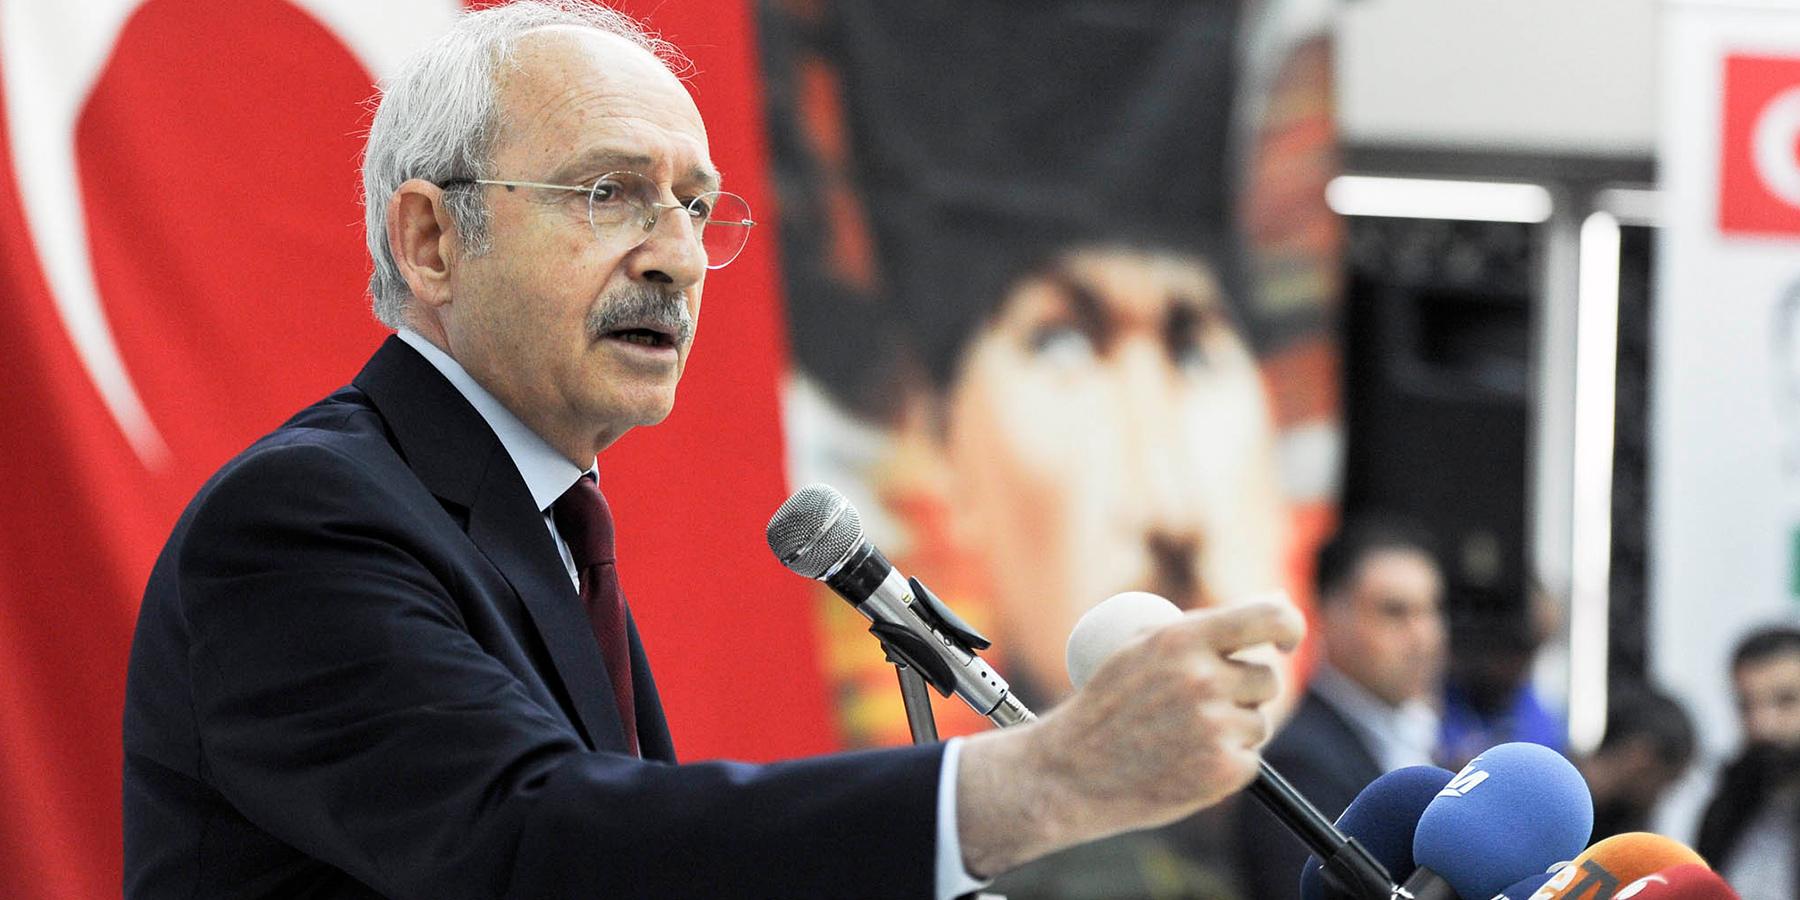 Millet İttifakı'nın Cumhurbaşkanı adayı kim olacak? CHP Genel Başkan Yardımcısı Bülent Kuşoğlu 'aday Kılıçdaroğlu' dedi, sosyal medya yıkıldı!